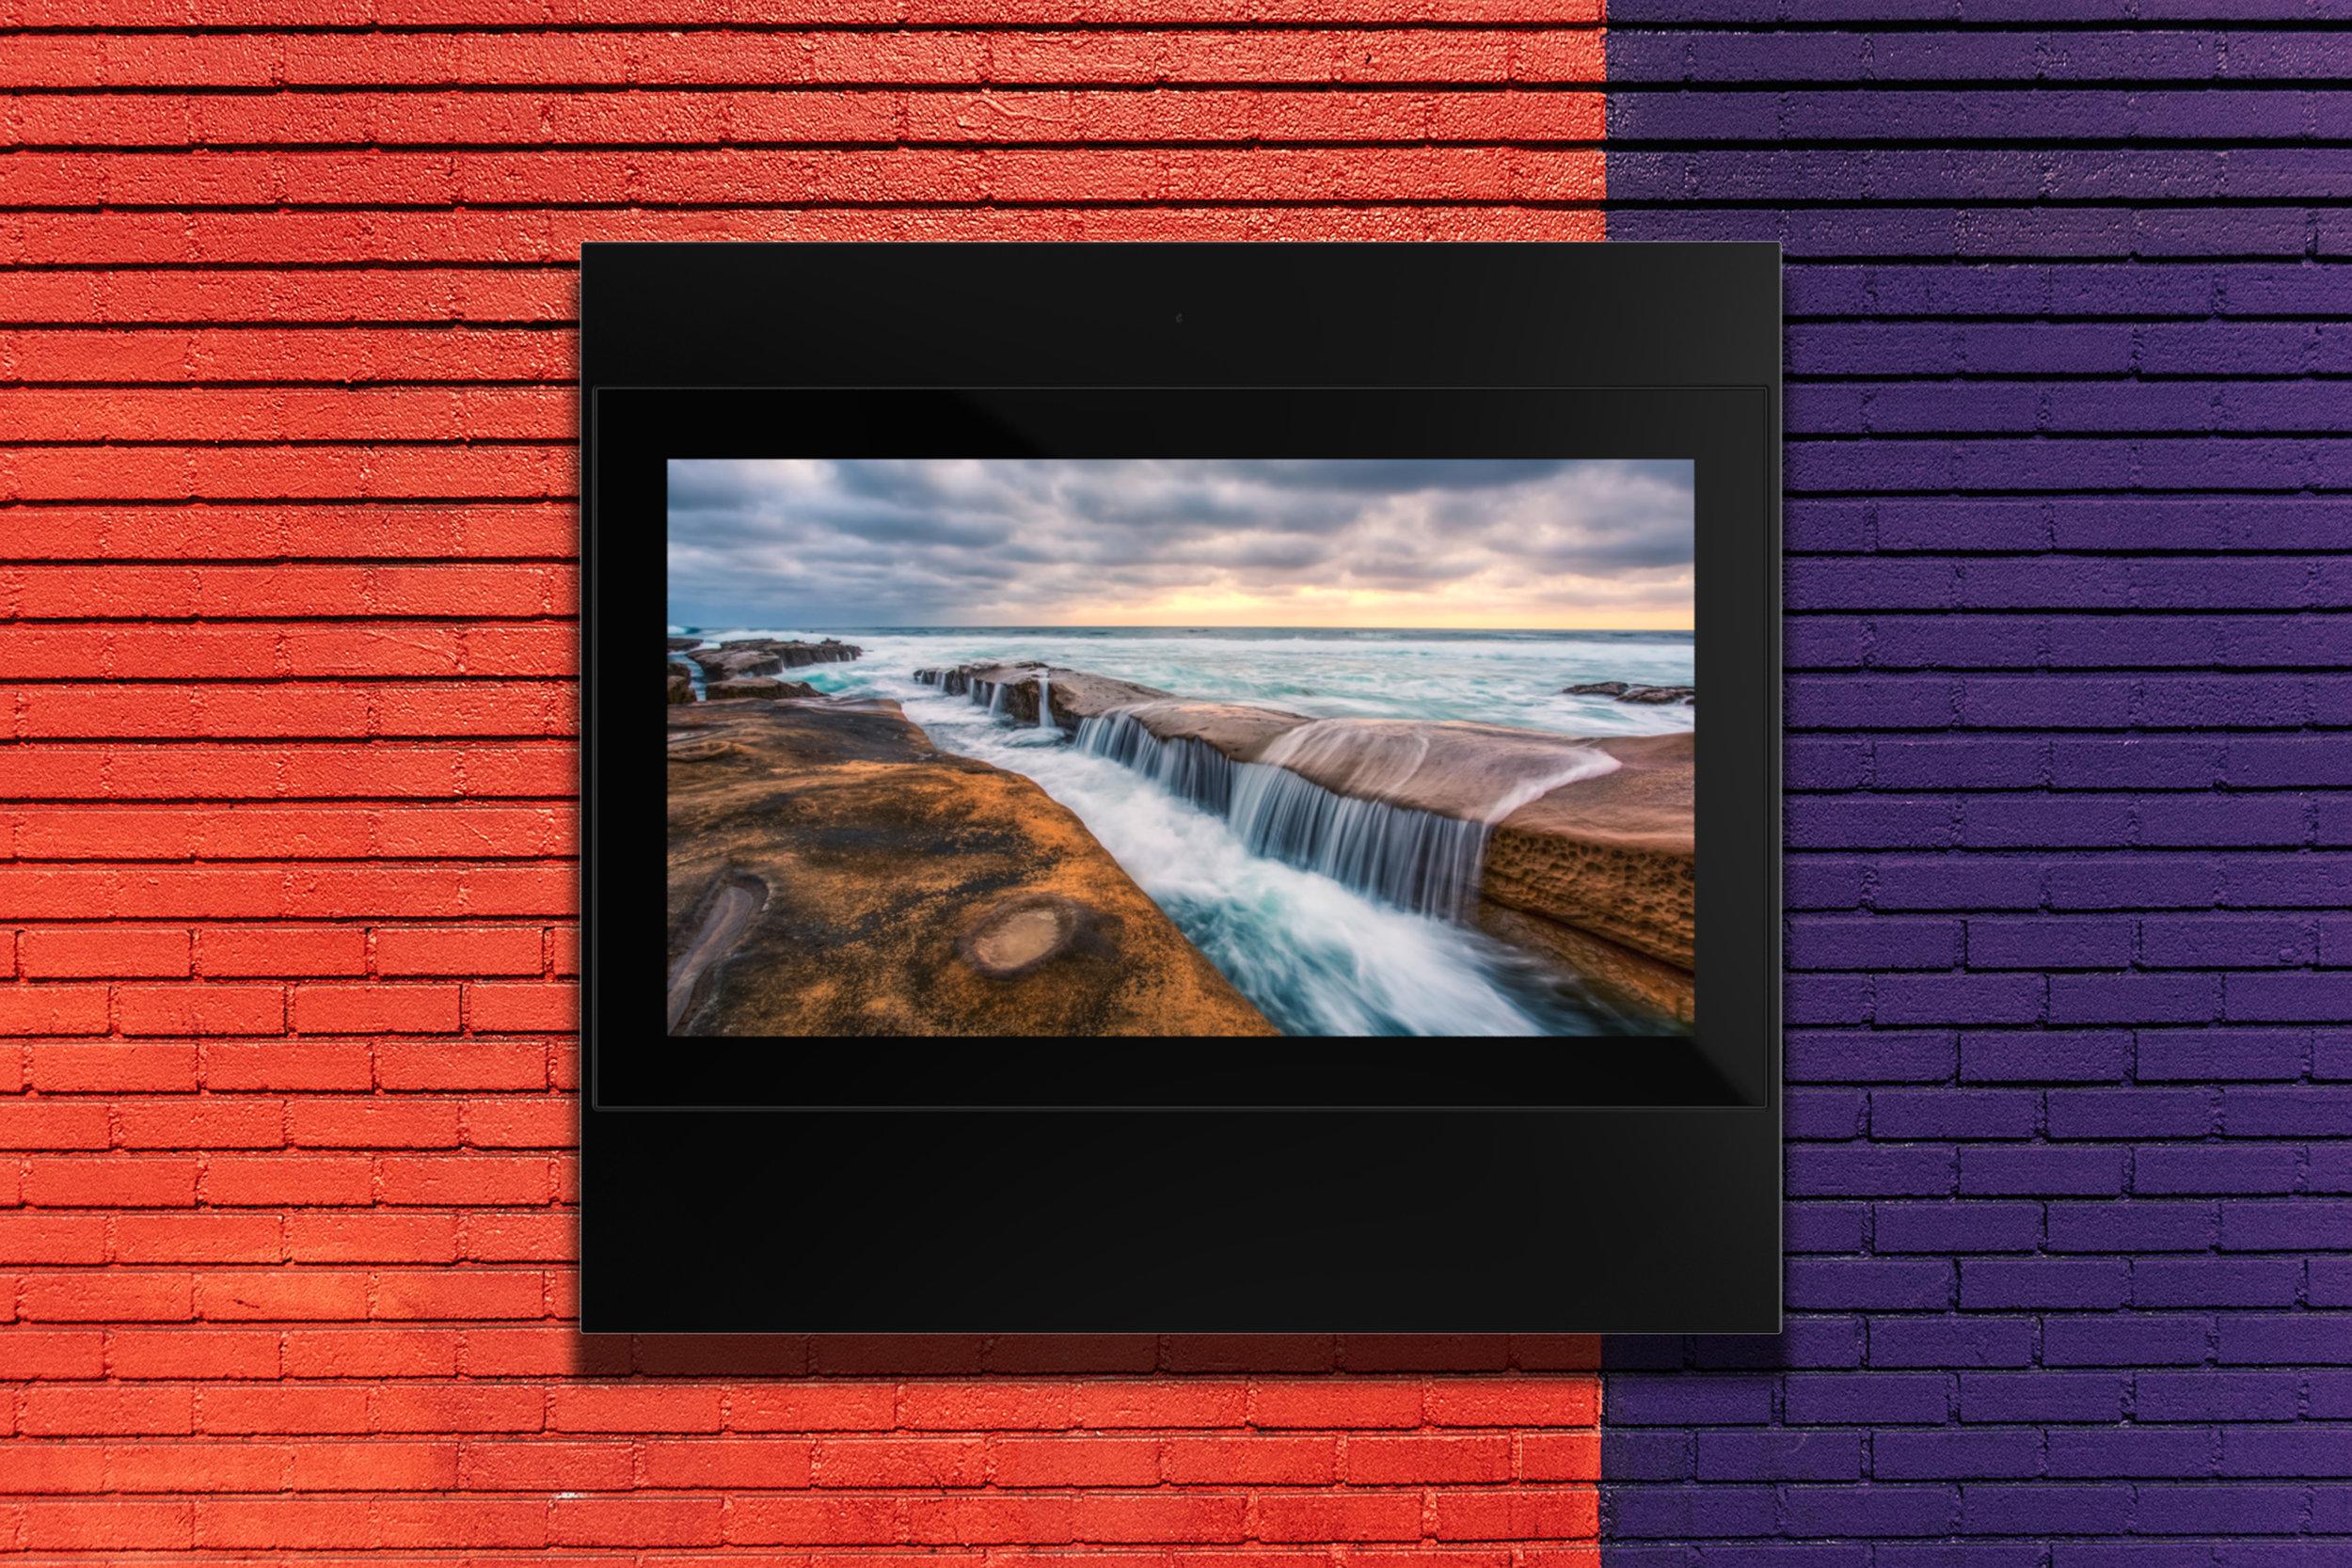 keewin display 43 inch Outdoor Displays-wall mounted-4.jpg